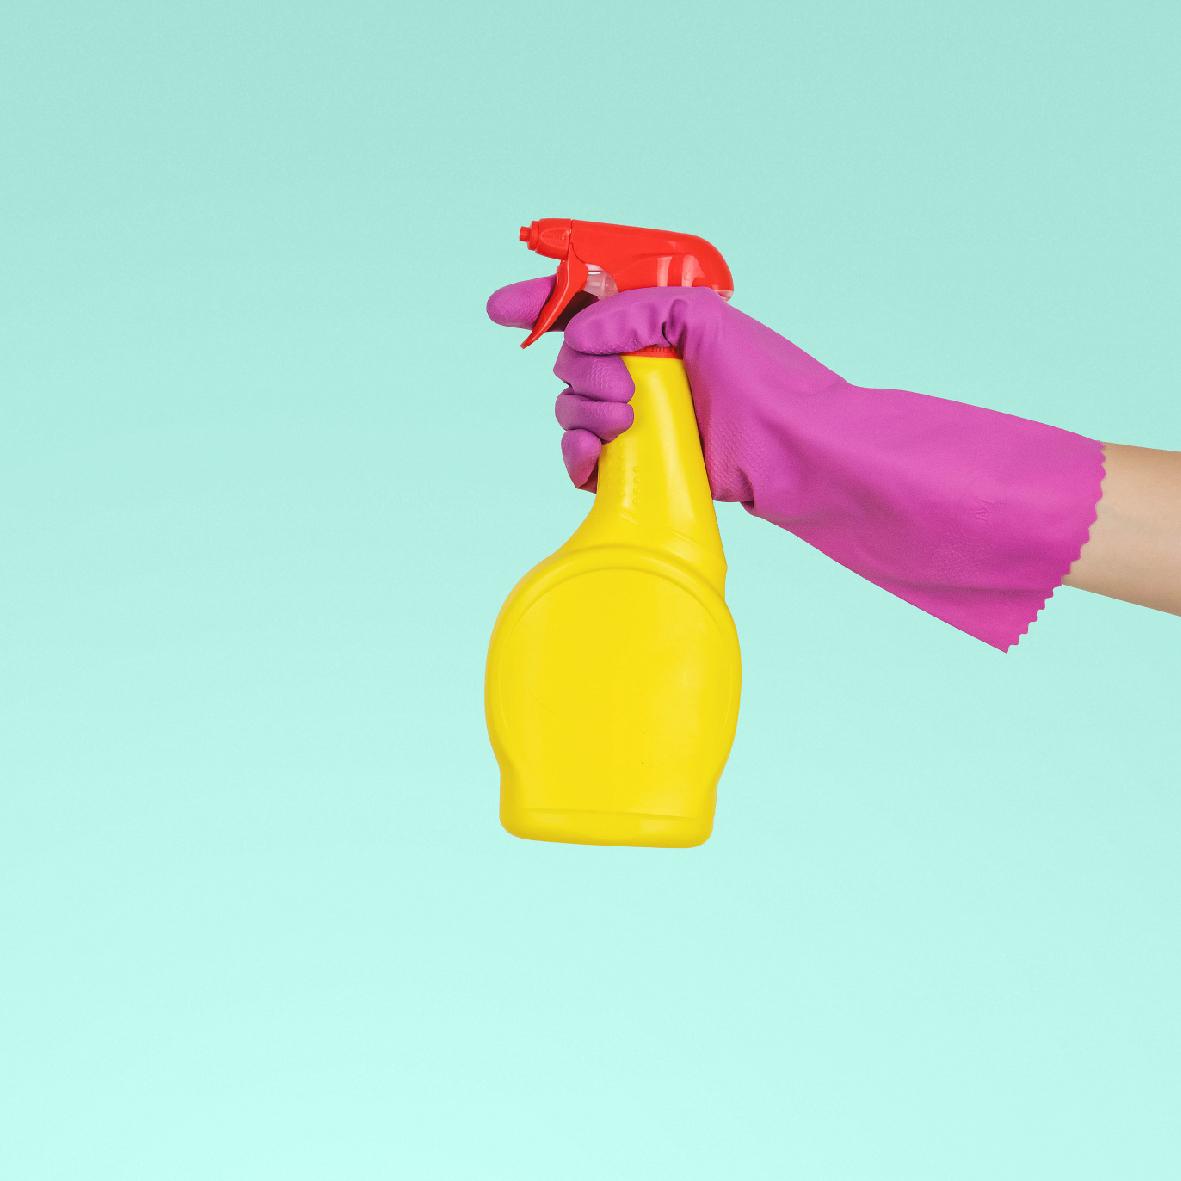 4 Cara Untuk Menjaga Rumah agar tetap bersih dan terhindar dari paparan virus Corona Covid-19